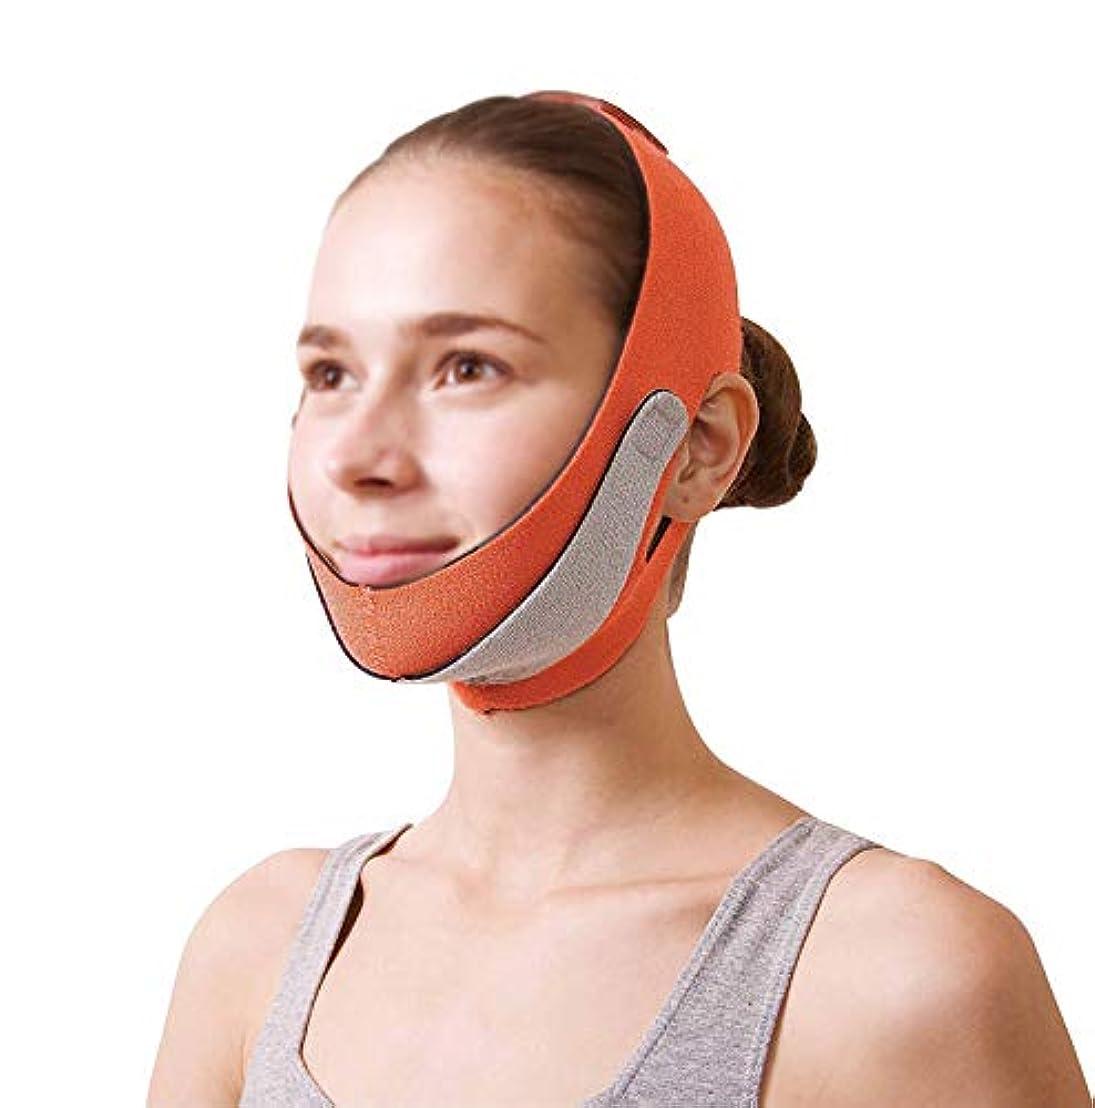 六きしむ最小化するTLMY 薄いフェイスマスクあごストラップ回復パッチ包帯ヘッドマスクフェイシャルマスクフェイシャルマスクアーティファクト美容フェイシャルとネックリフトオレンジマスク 顔用整形マスク